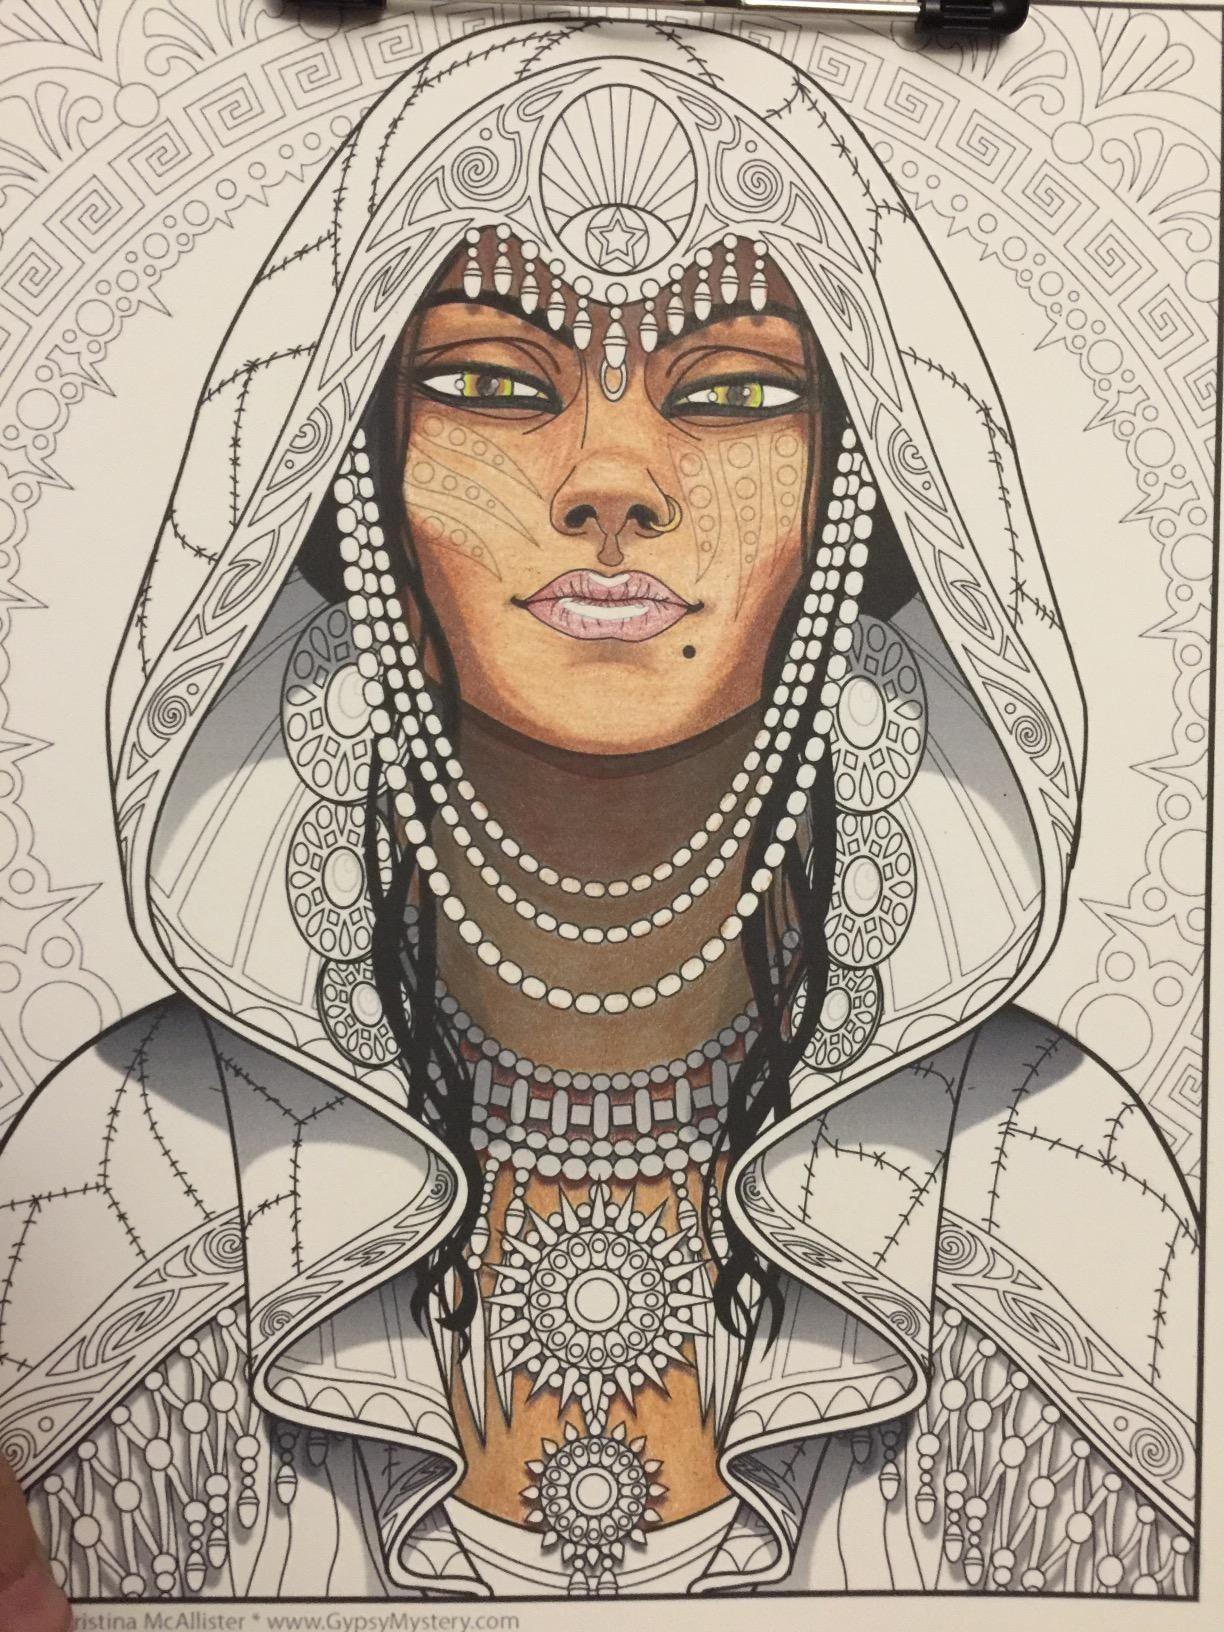 Amazon.com: Magical Beauties: A Captivating Coloring Book (9781539038535): Cristina McAllister